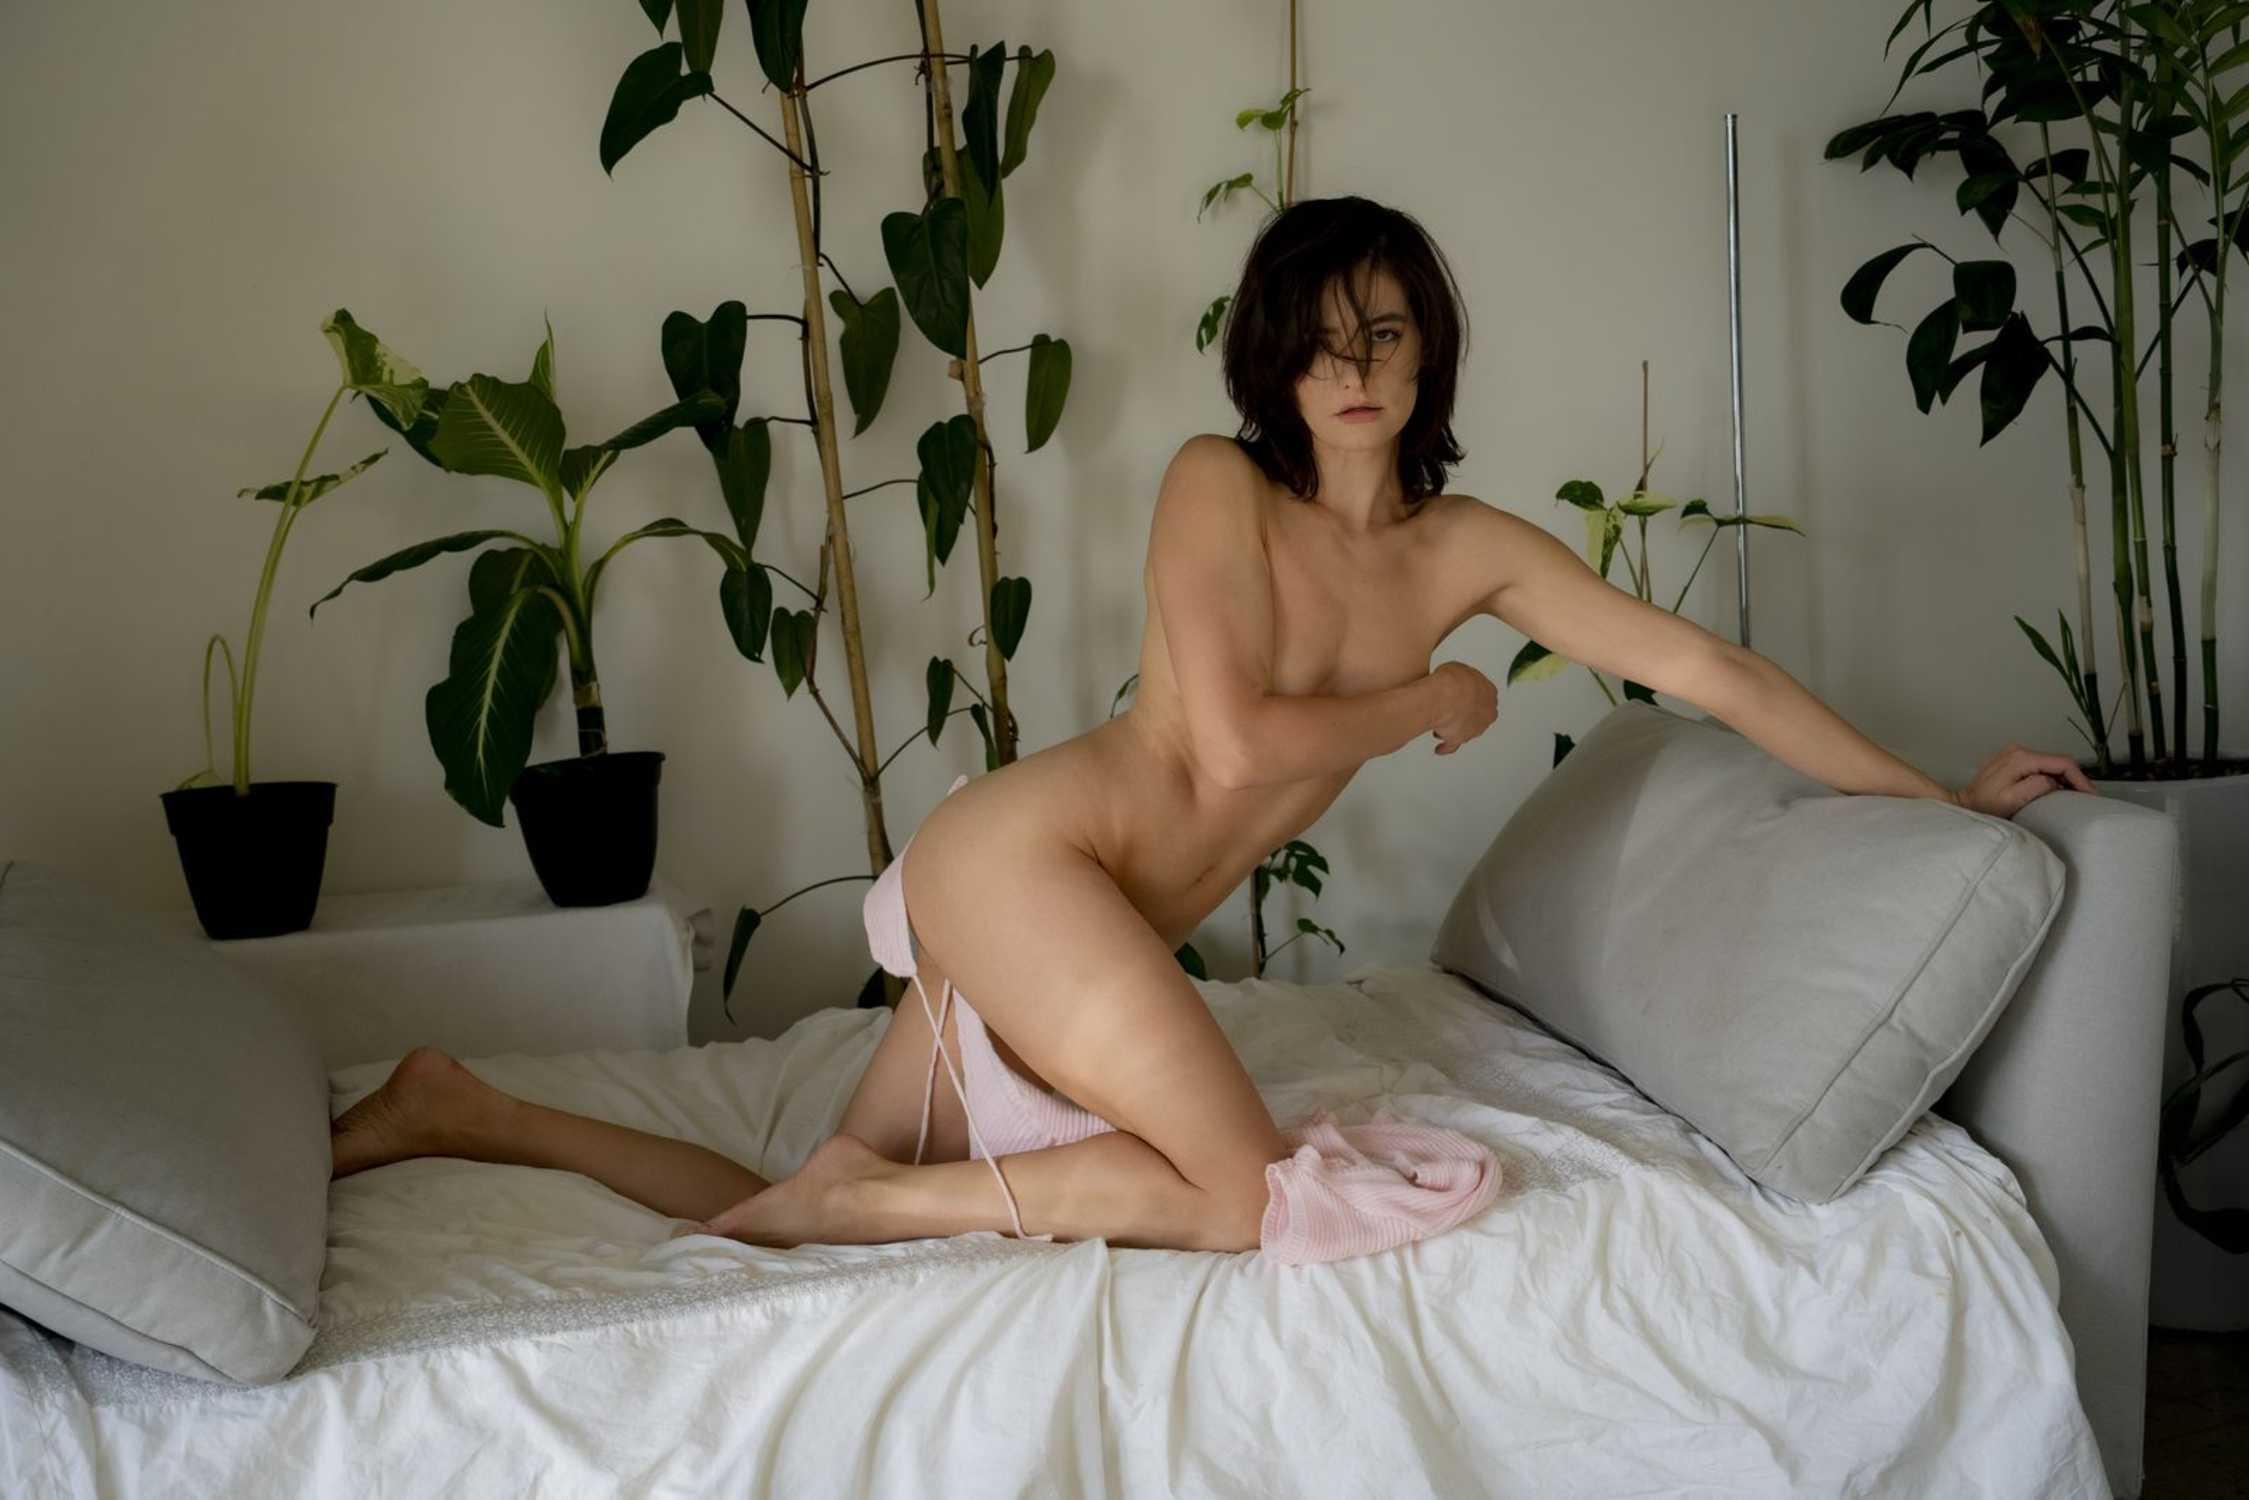 Amanda Frances - HMD photoshoot